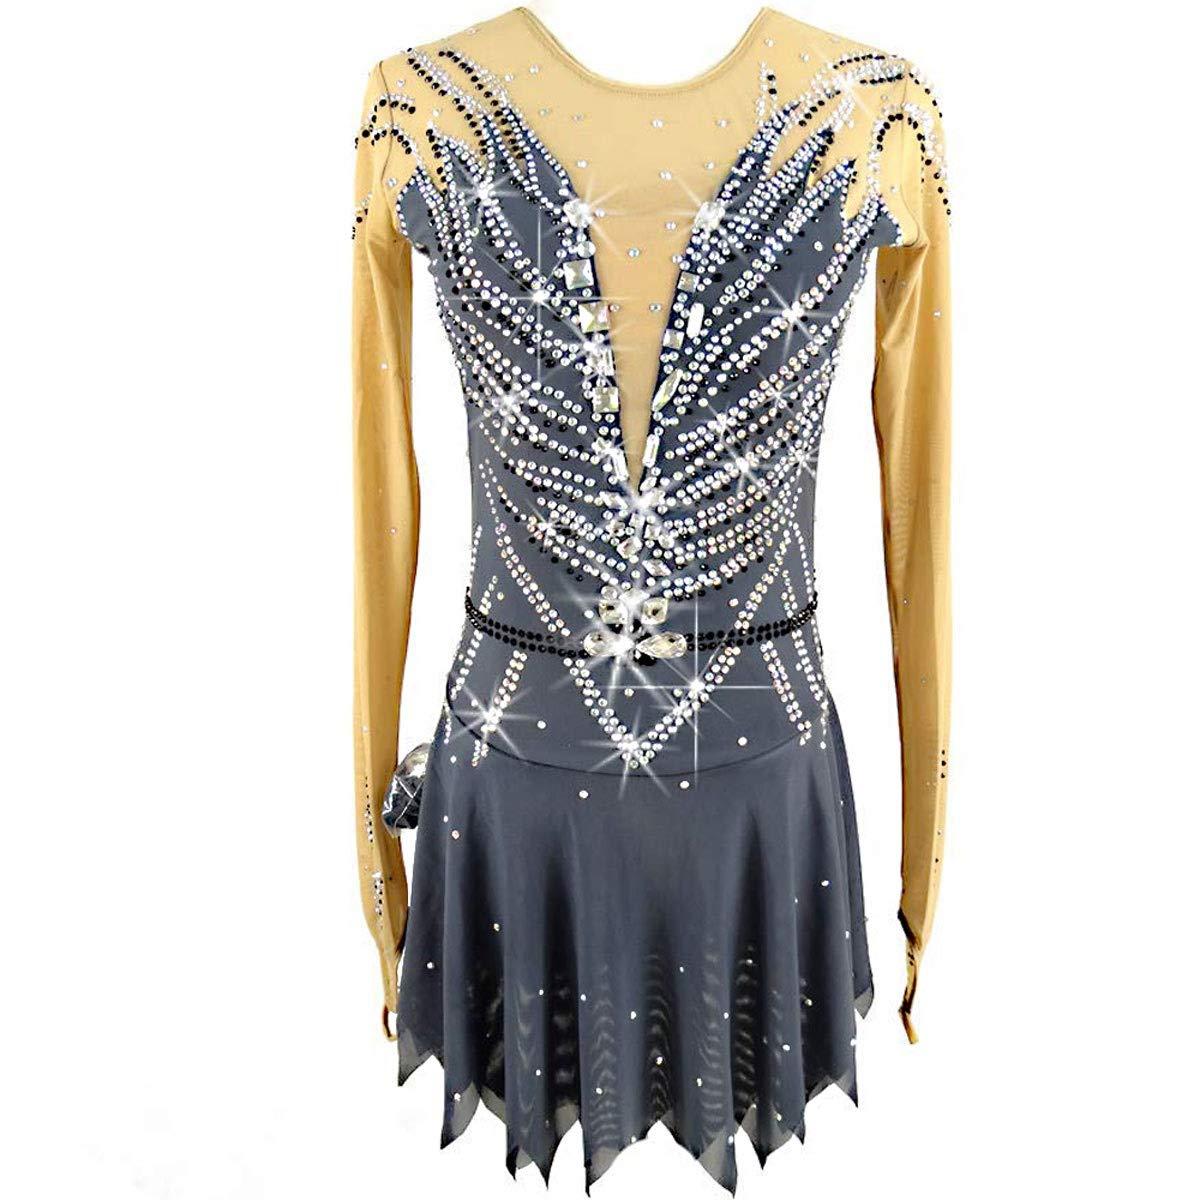 フィギュアスケートドレス女性女子アイススケートのパフォーマンス競争コスチュームグレースパンデックスラインストーン手作りスケート長袖を着用してください グレー Child8